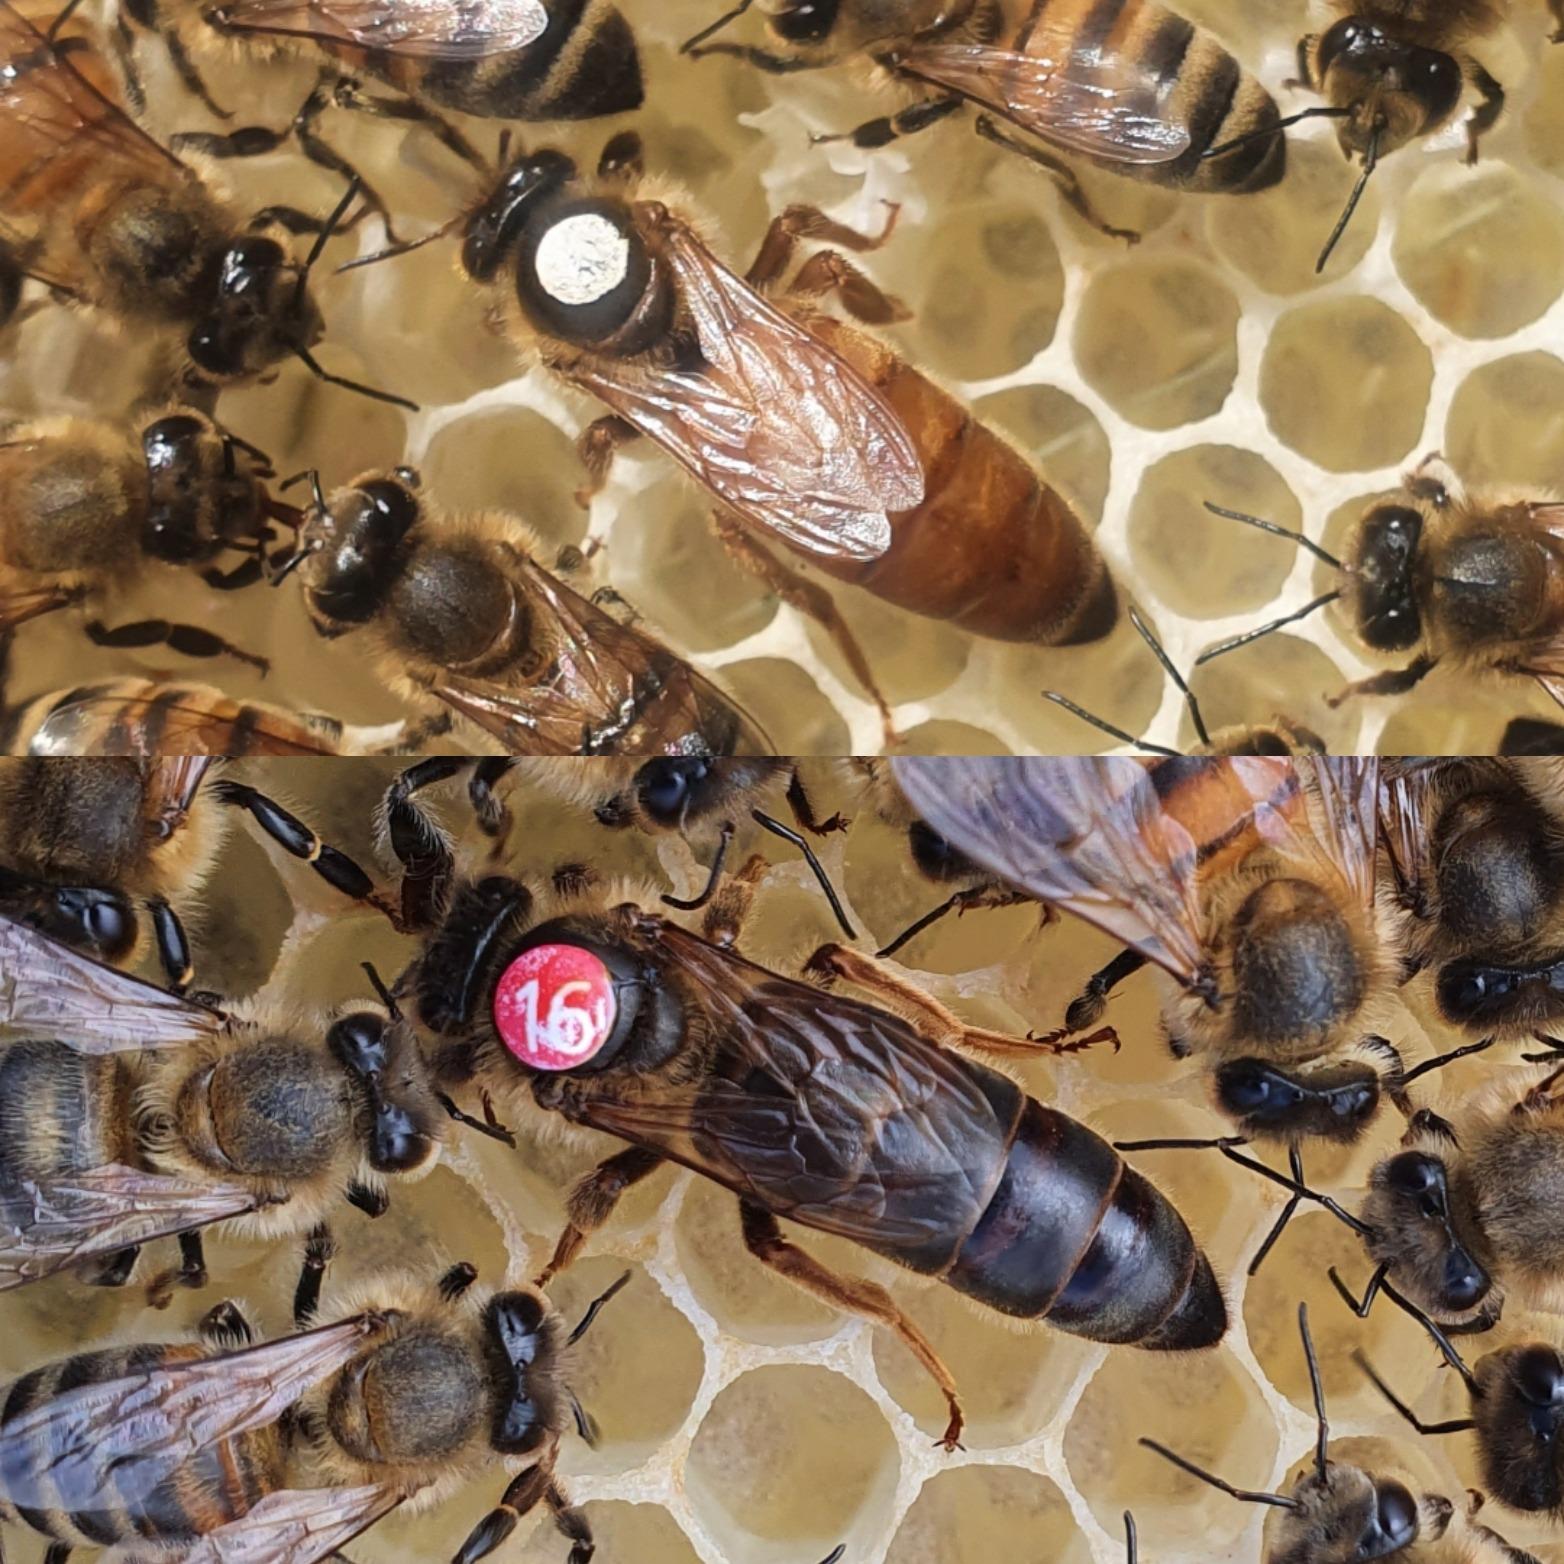 Buy Queen Bees | Queen Bees For Sale